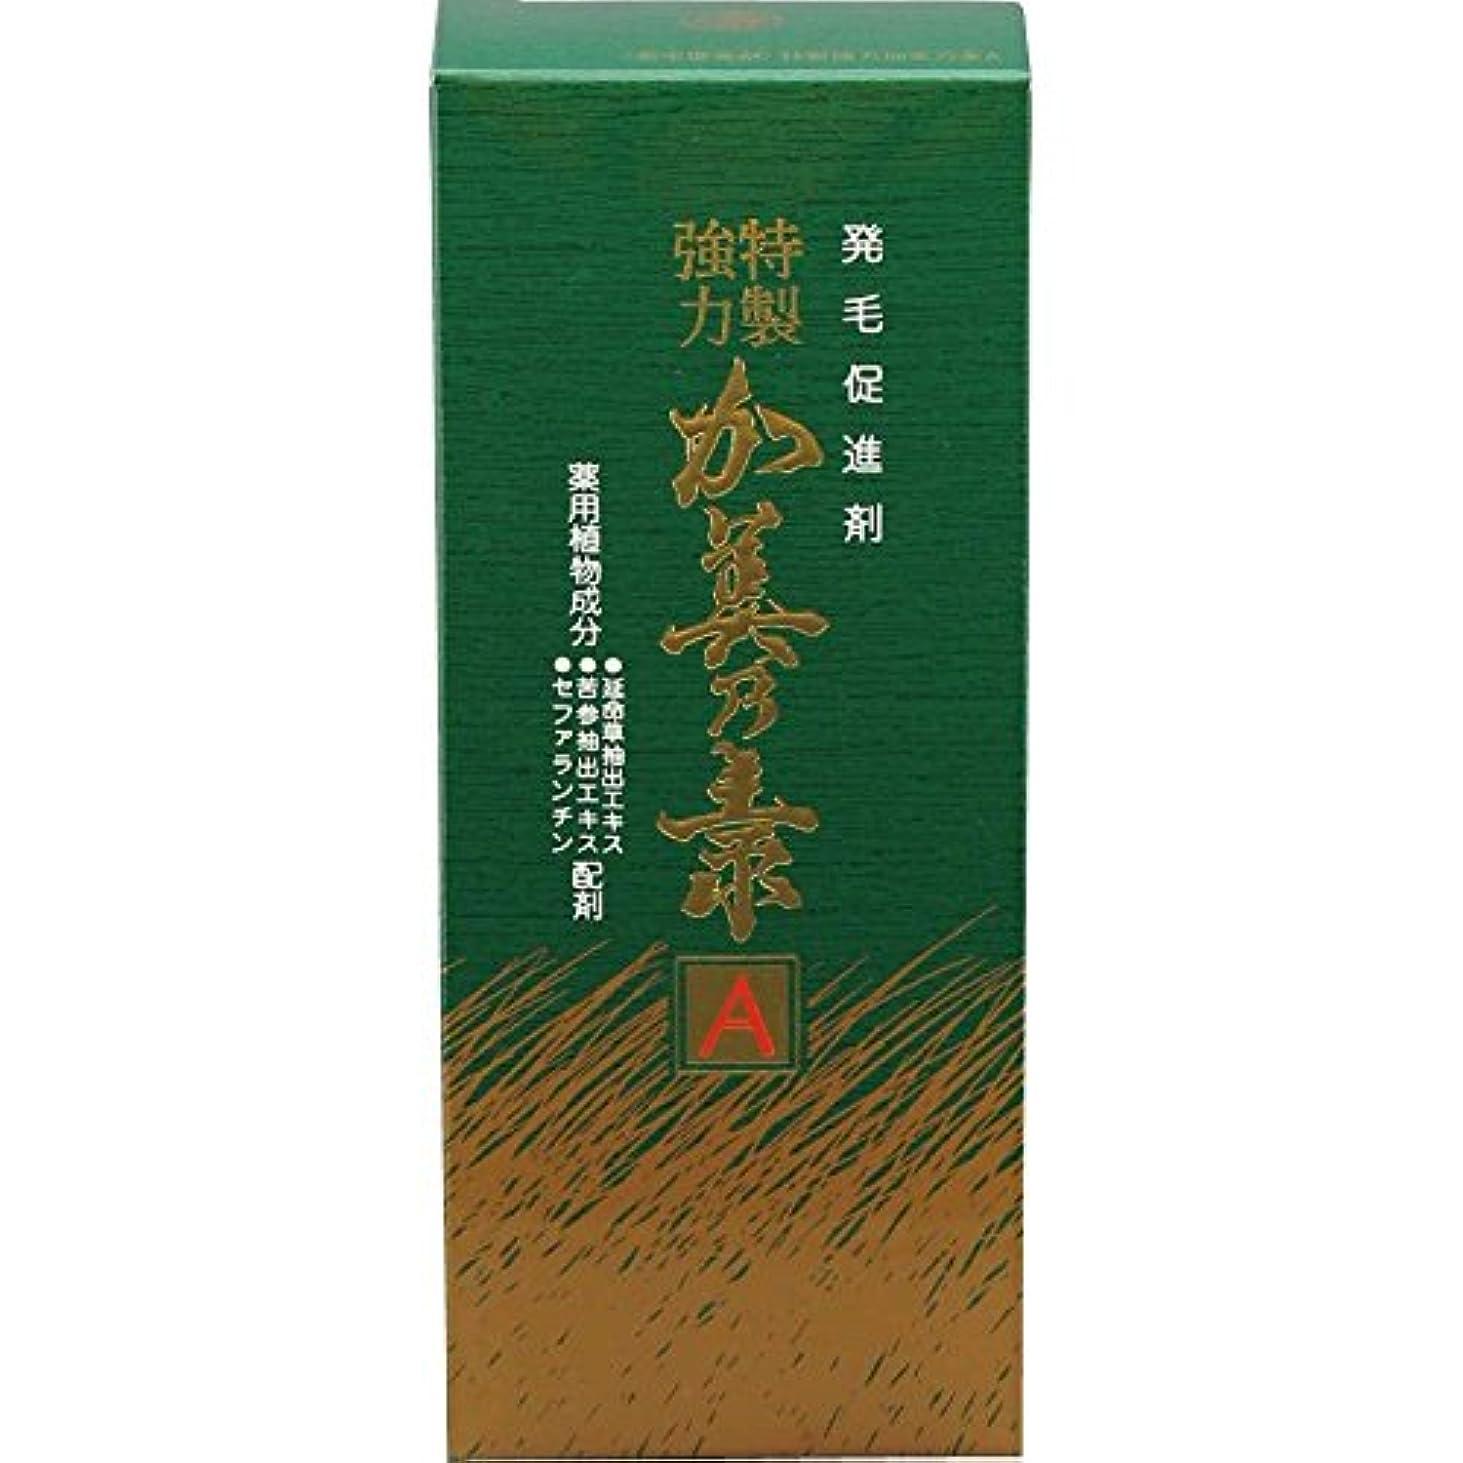 フレアタイムリーな配送特製強力加美乃素A フレッシュシトラスの香り 180mL×6個